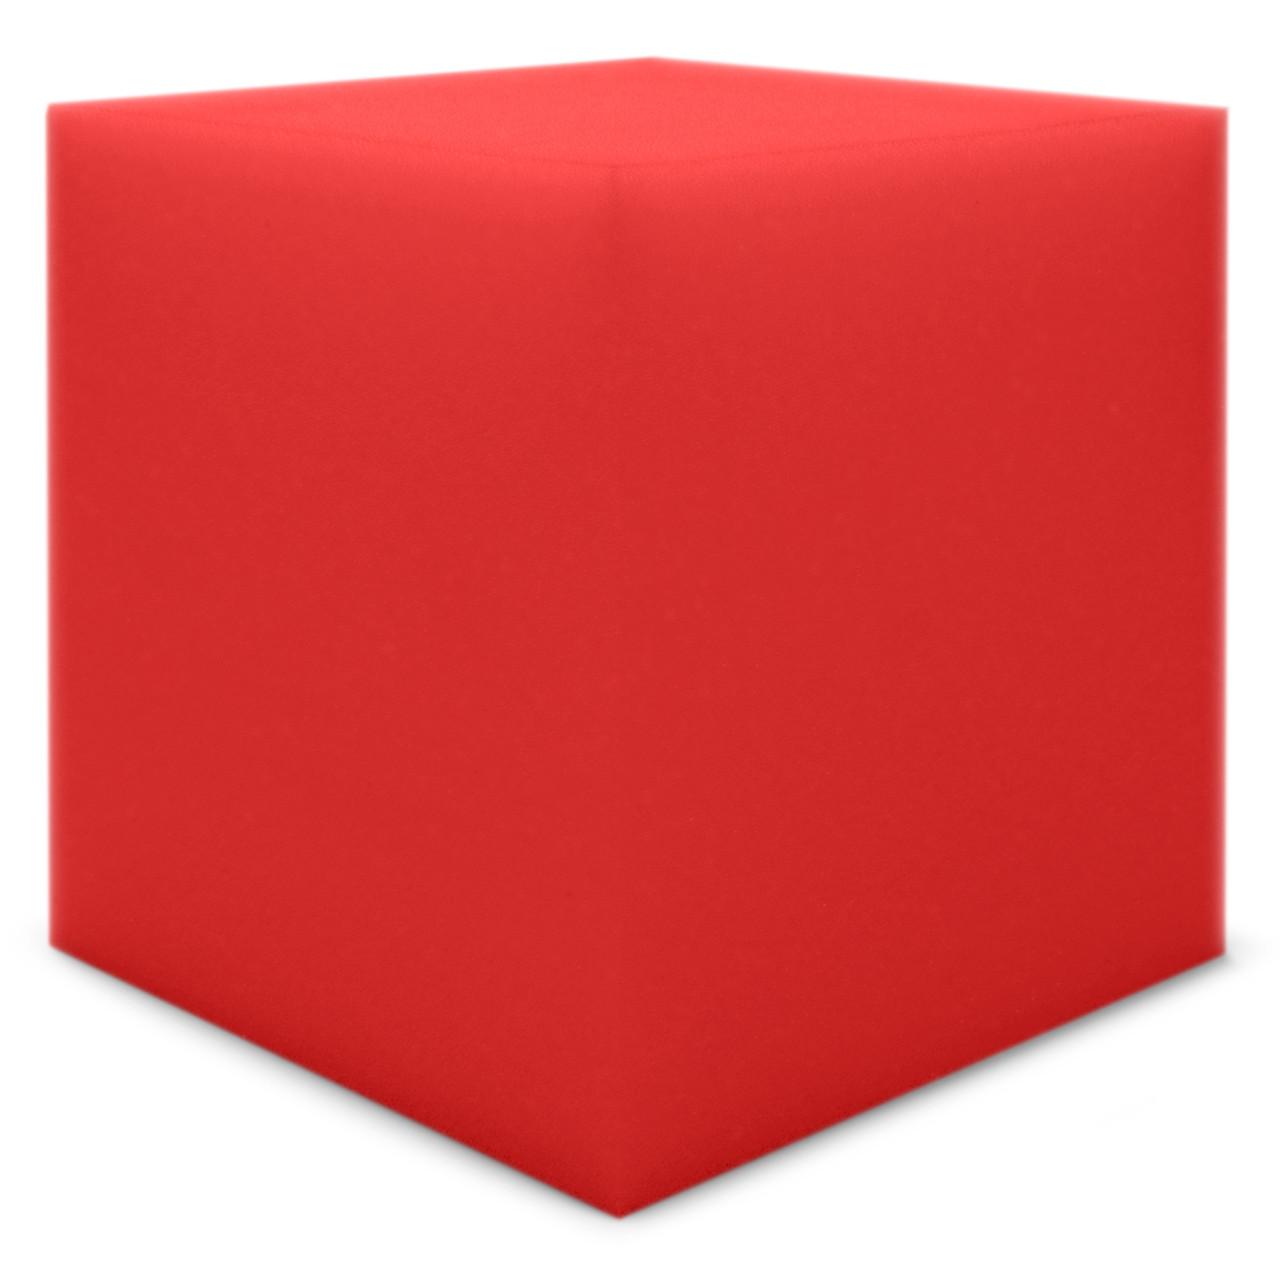 Бас ловушка Ecosound КУБ угловой 15х15х15 см Цвет красный